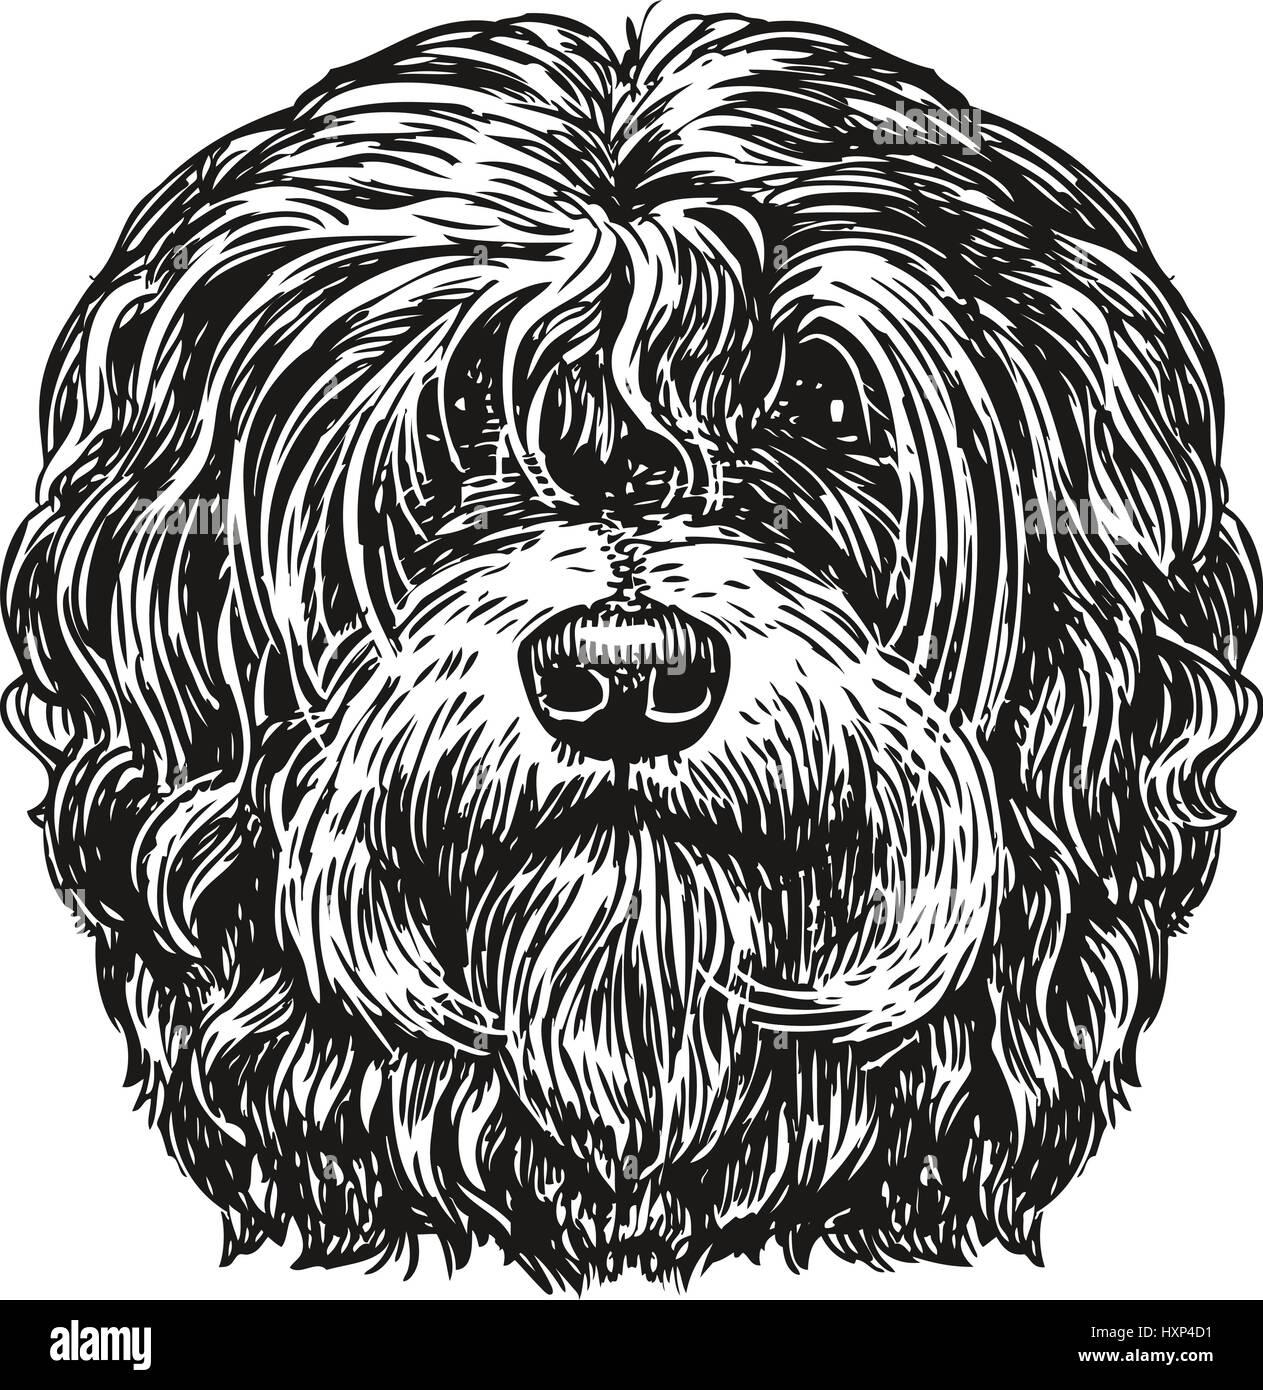 Hand drawn portrait lapdog. Dog, pet, animal sketch. Vintage vector illustration - Stock Image